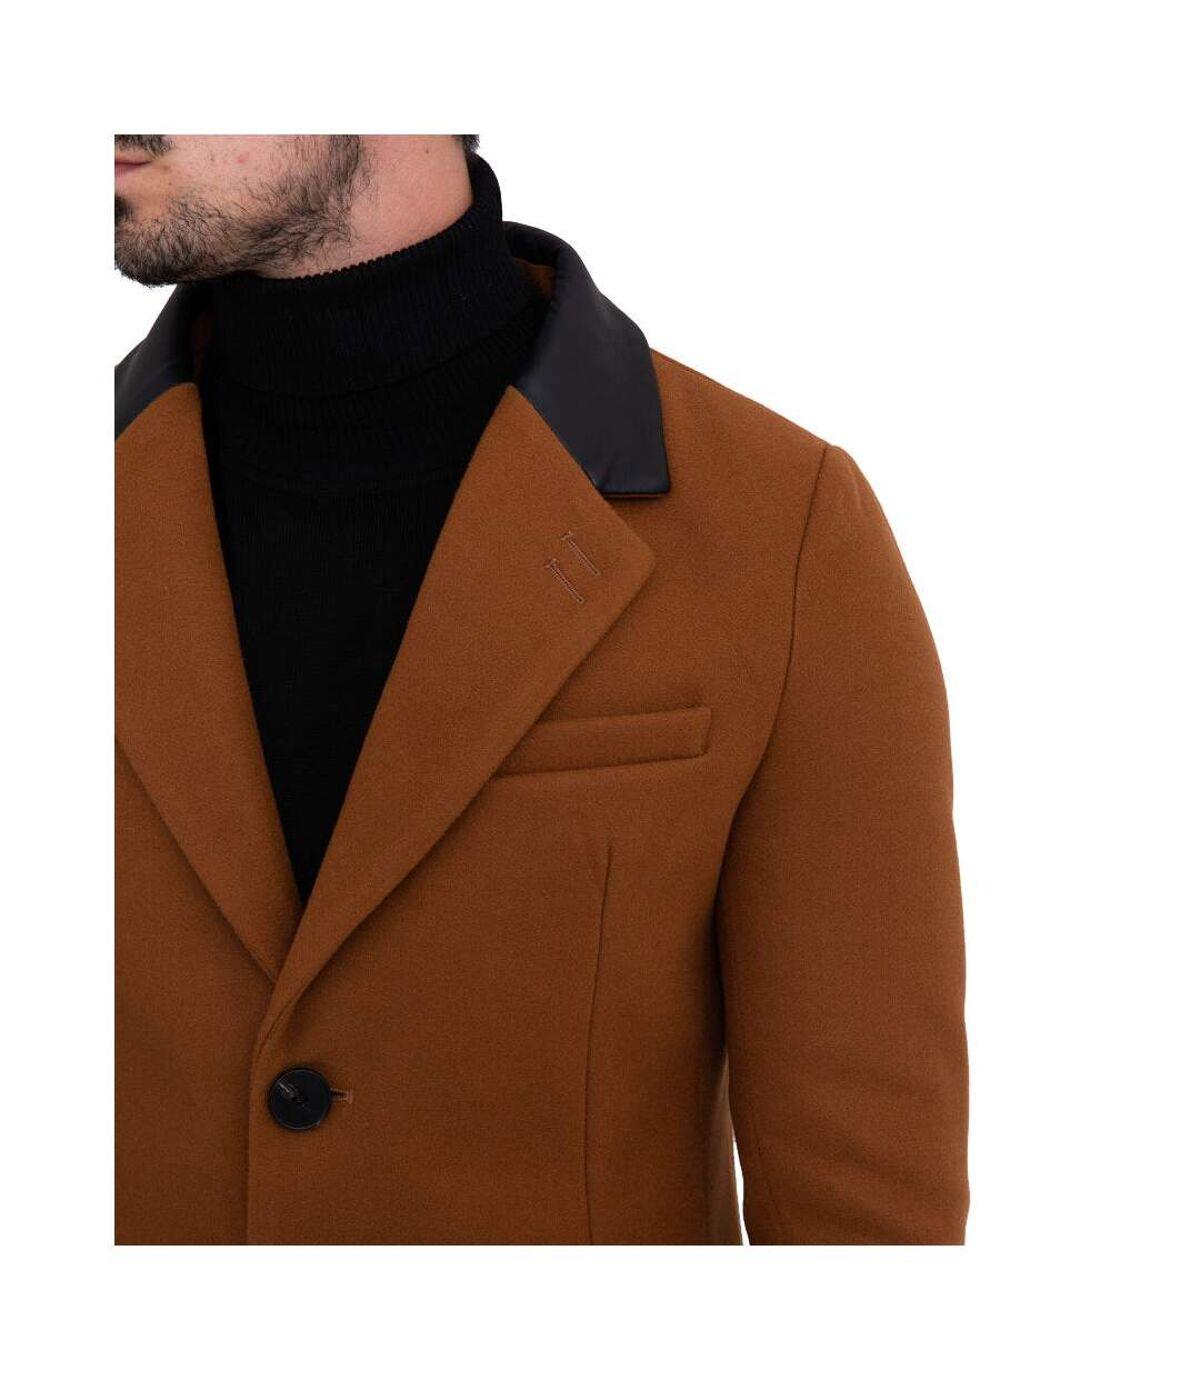 Veste caban fashion homme Veste 2088B-10 marron